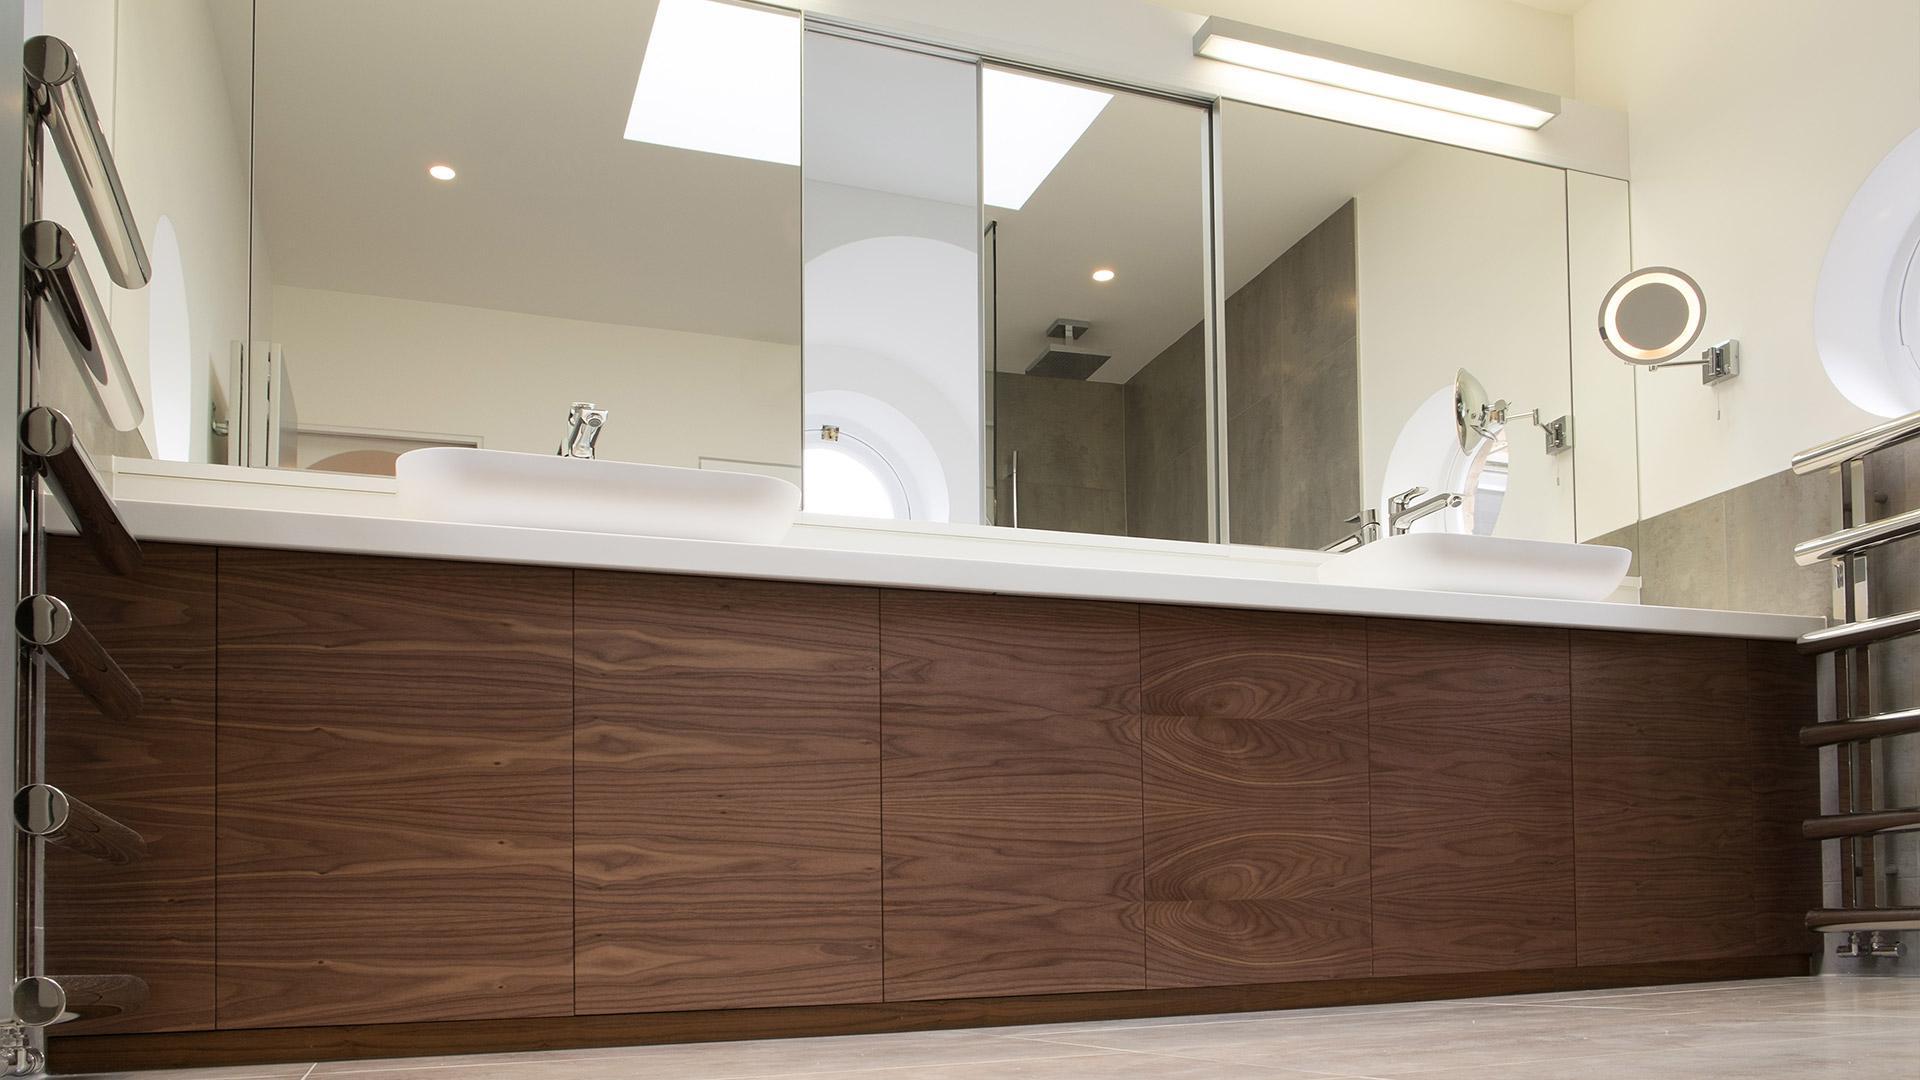 Image Result For Bathroom Cabinet